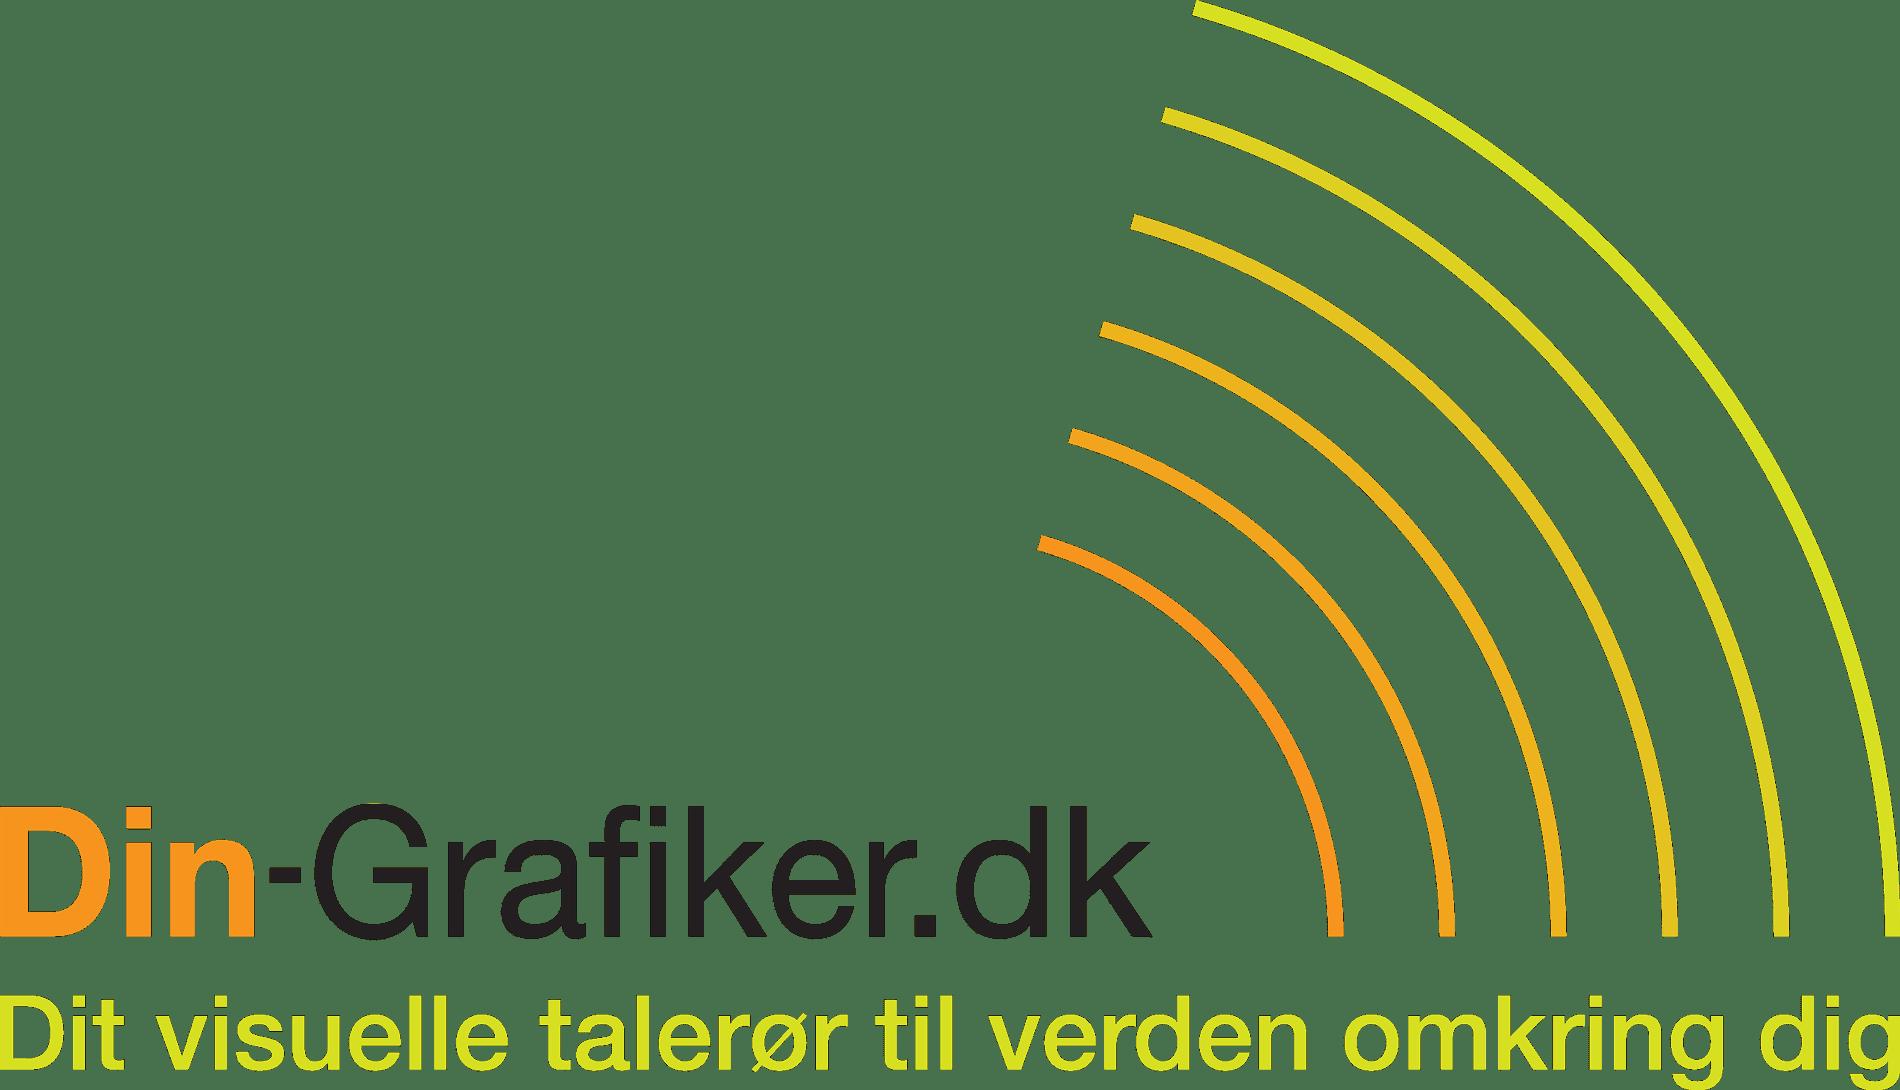 Din-Grafiker.dk